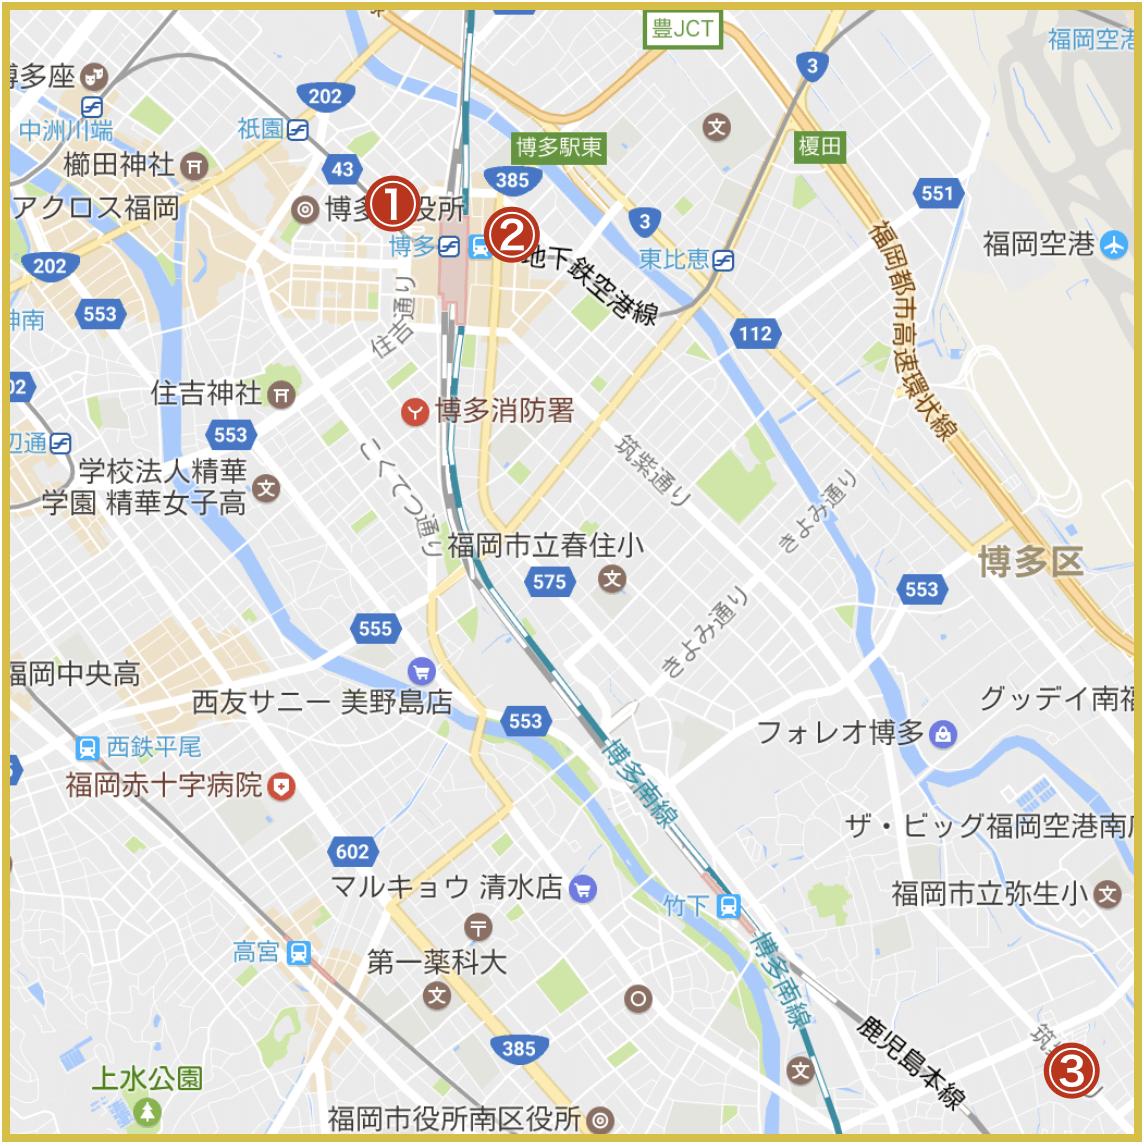 福岡市博多区にあるアイフル店舗・ATMの位置